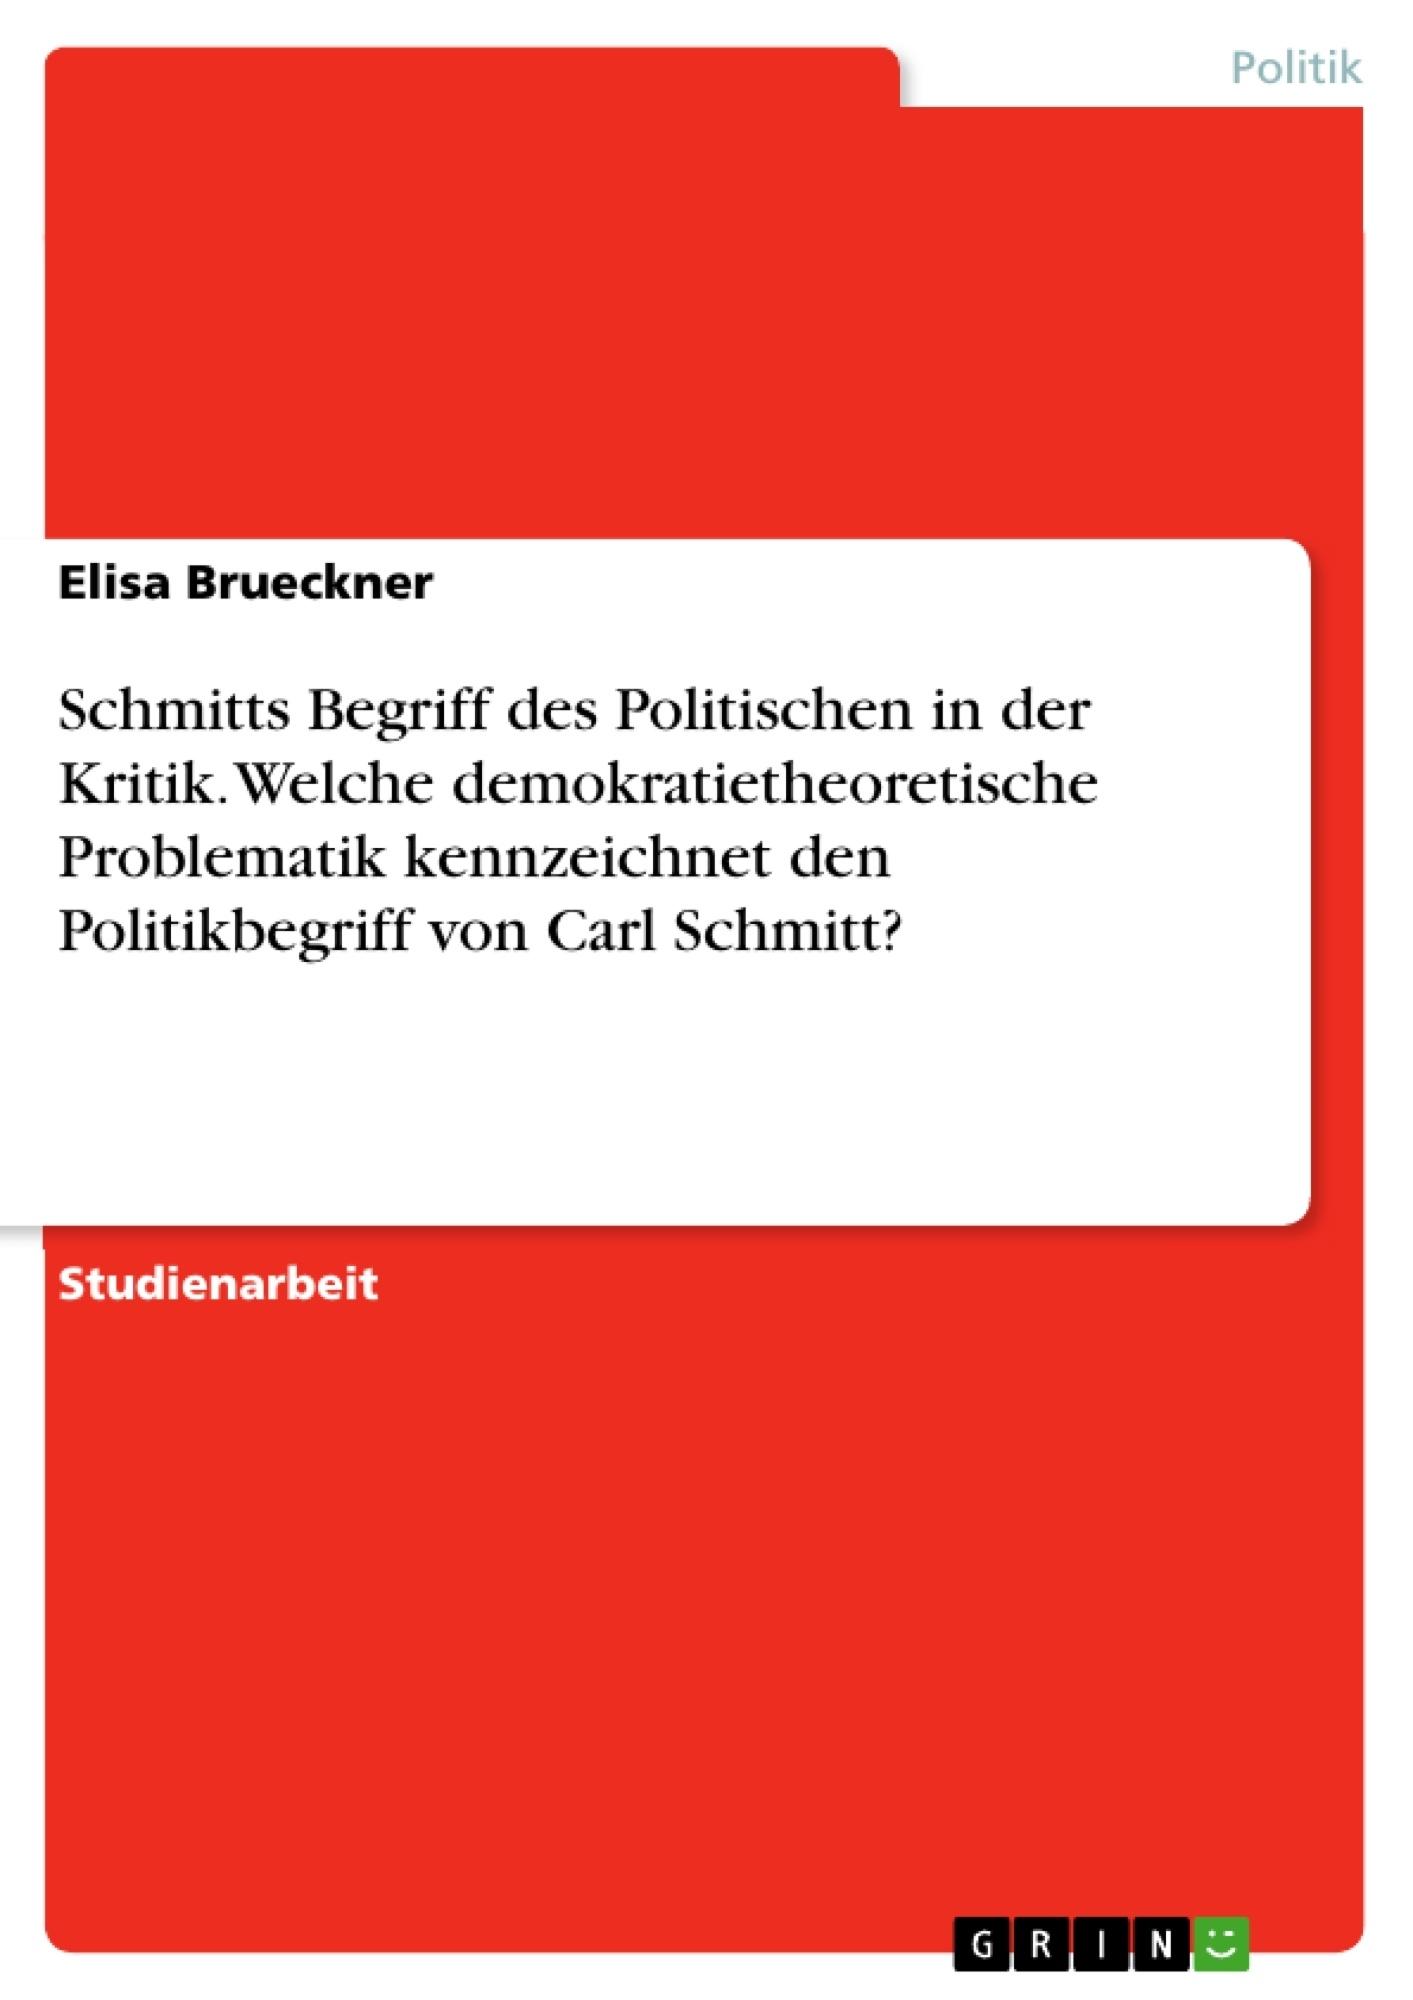 Titel: Schmitts Begriff des Politischen in der Kritik. Welche demokratietheoretische Problematik kennzeichnet den Politikbegriff von Carl Schmitt?